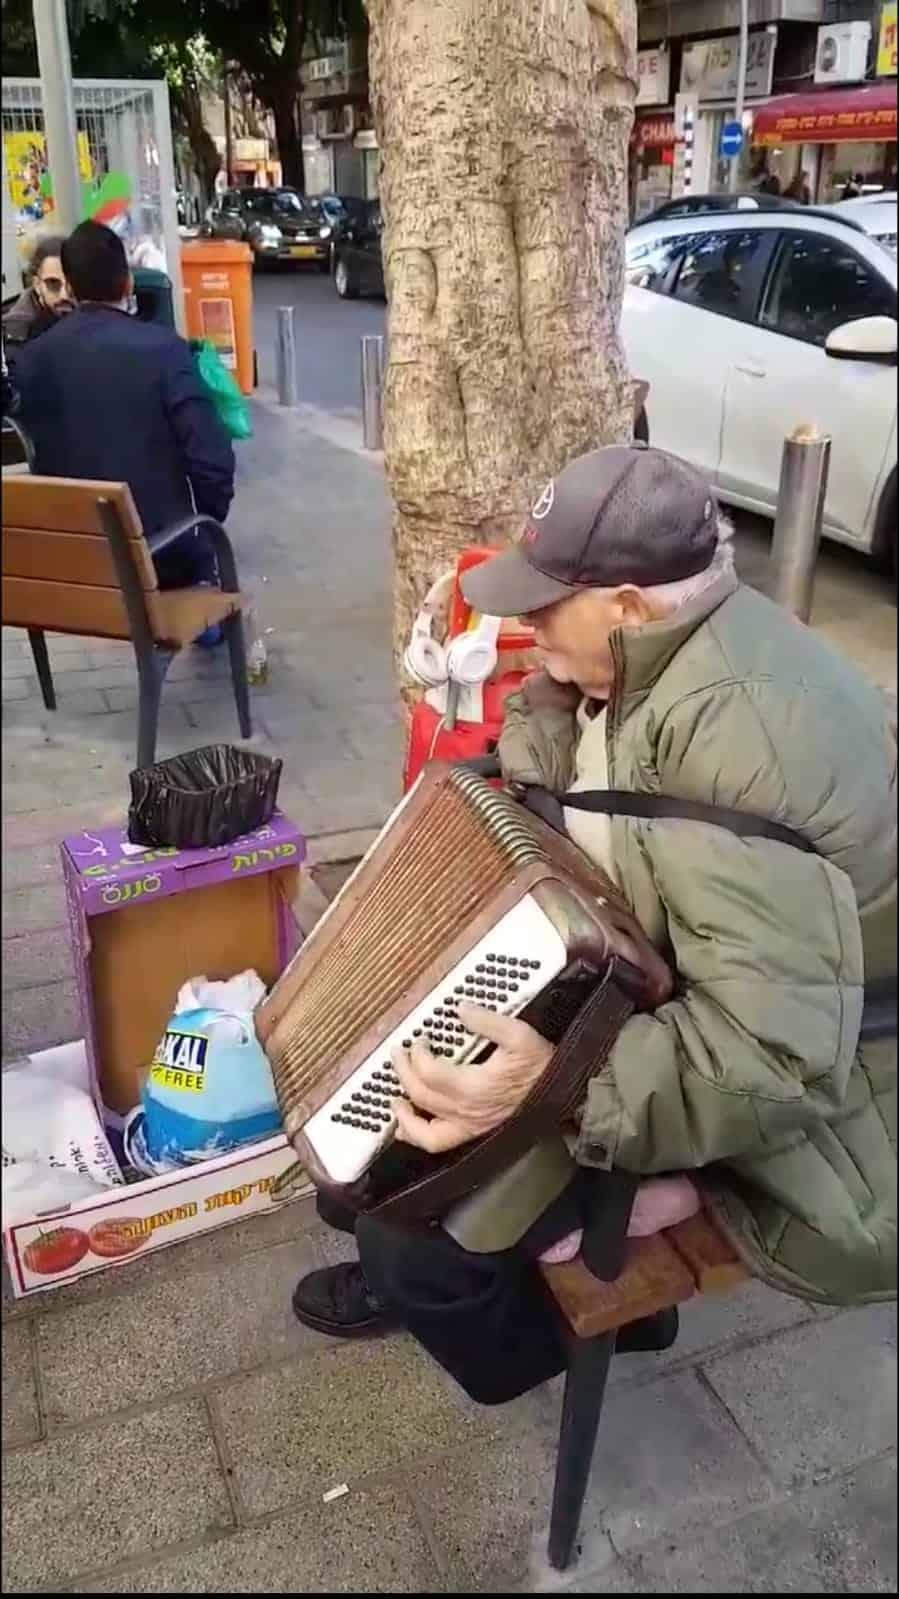 יונה ברוורמן מנגן ברחוב הרצל, צילום: באדיבות דוברות עיריית רמת גן